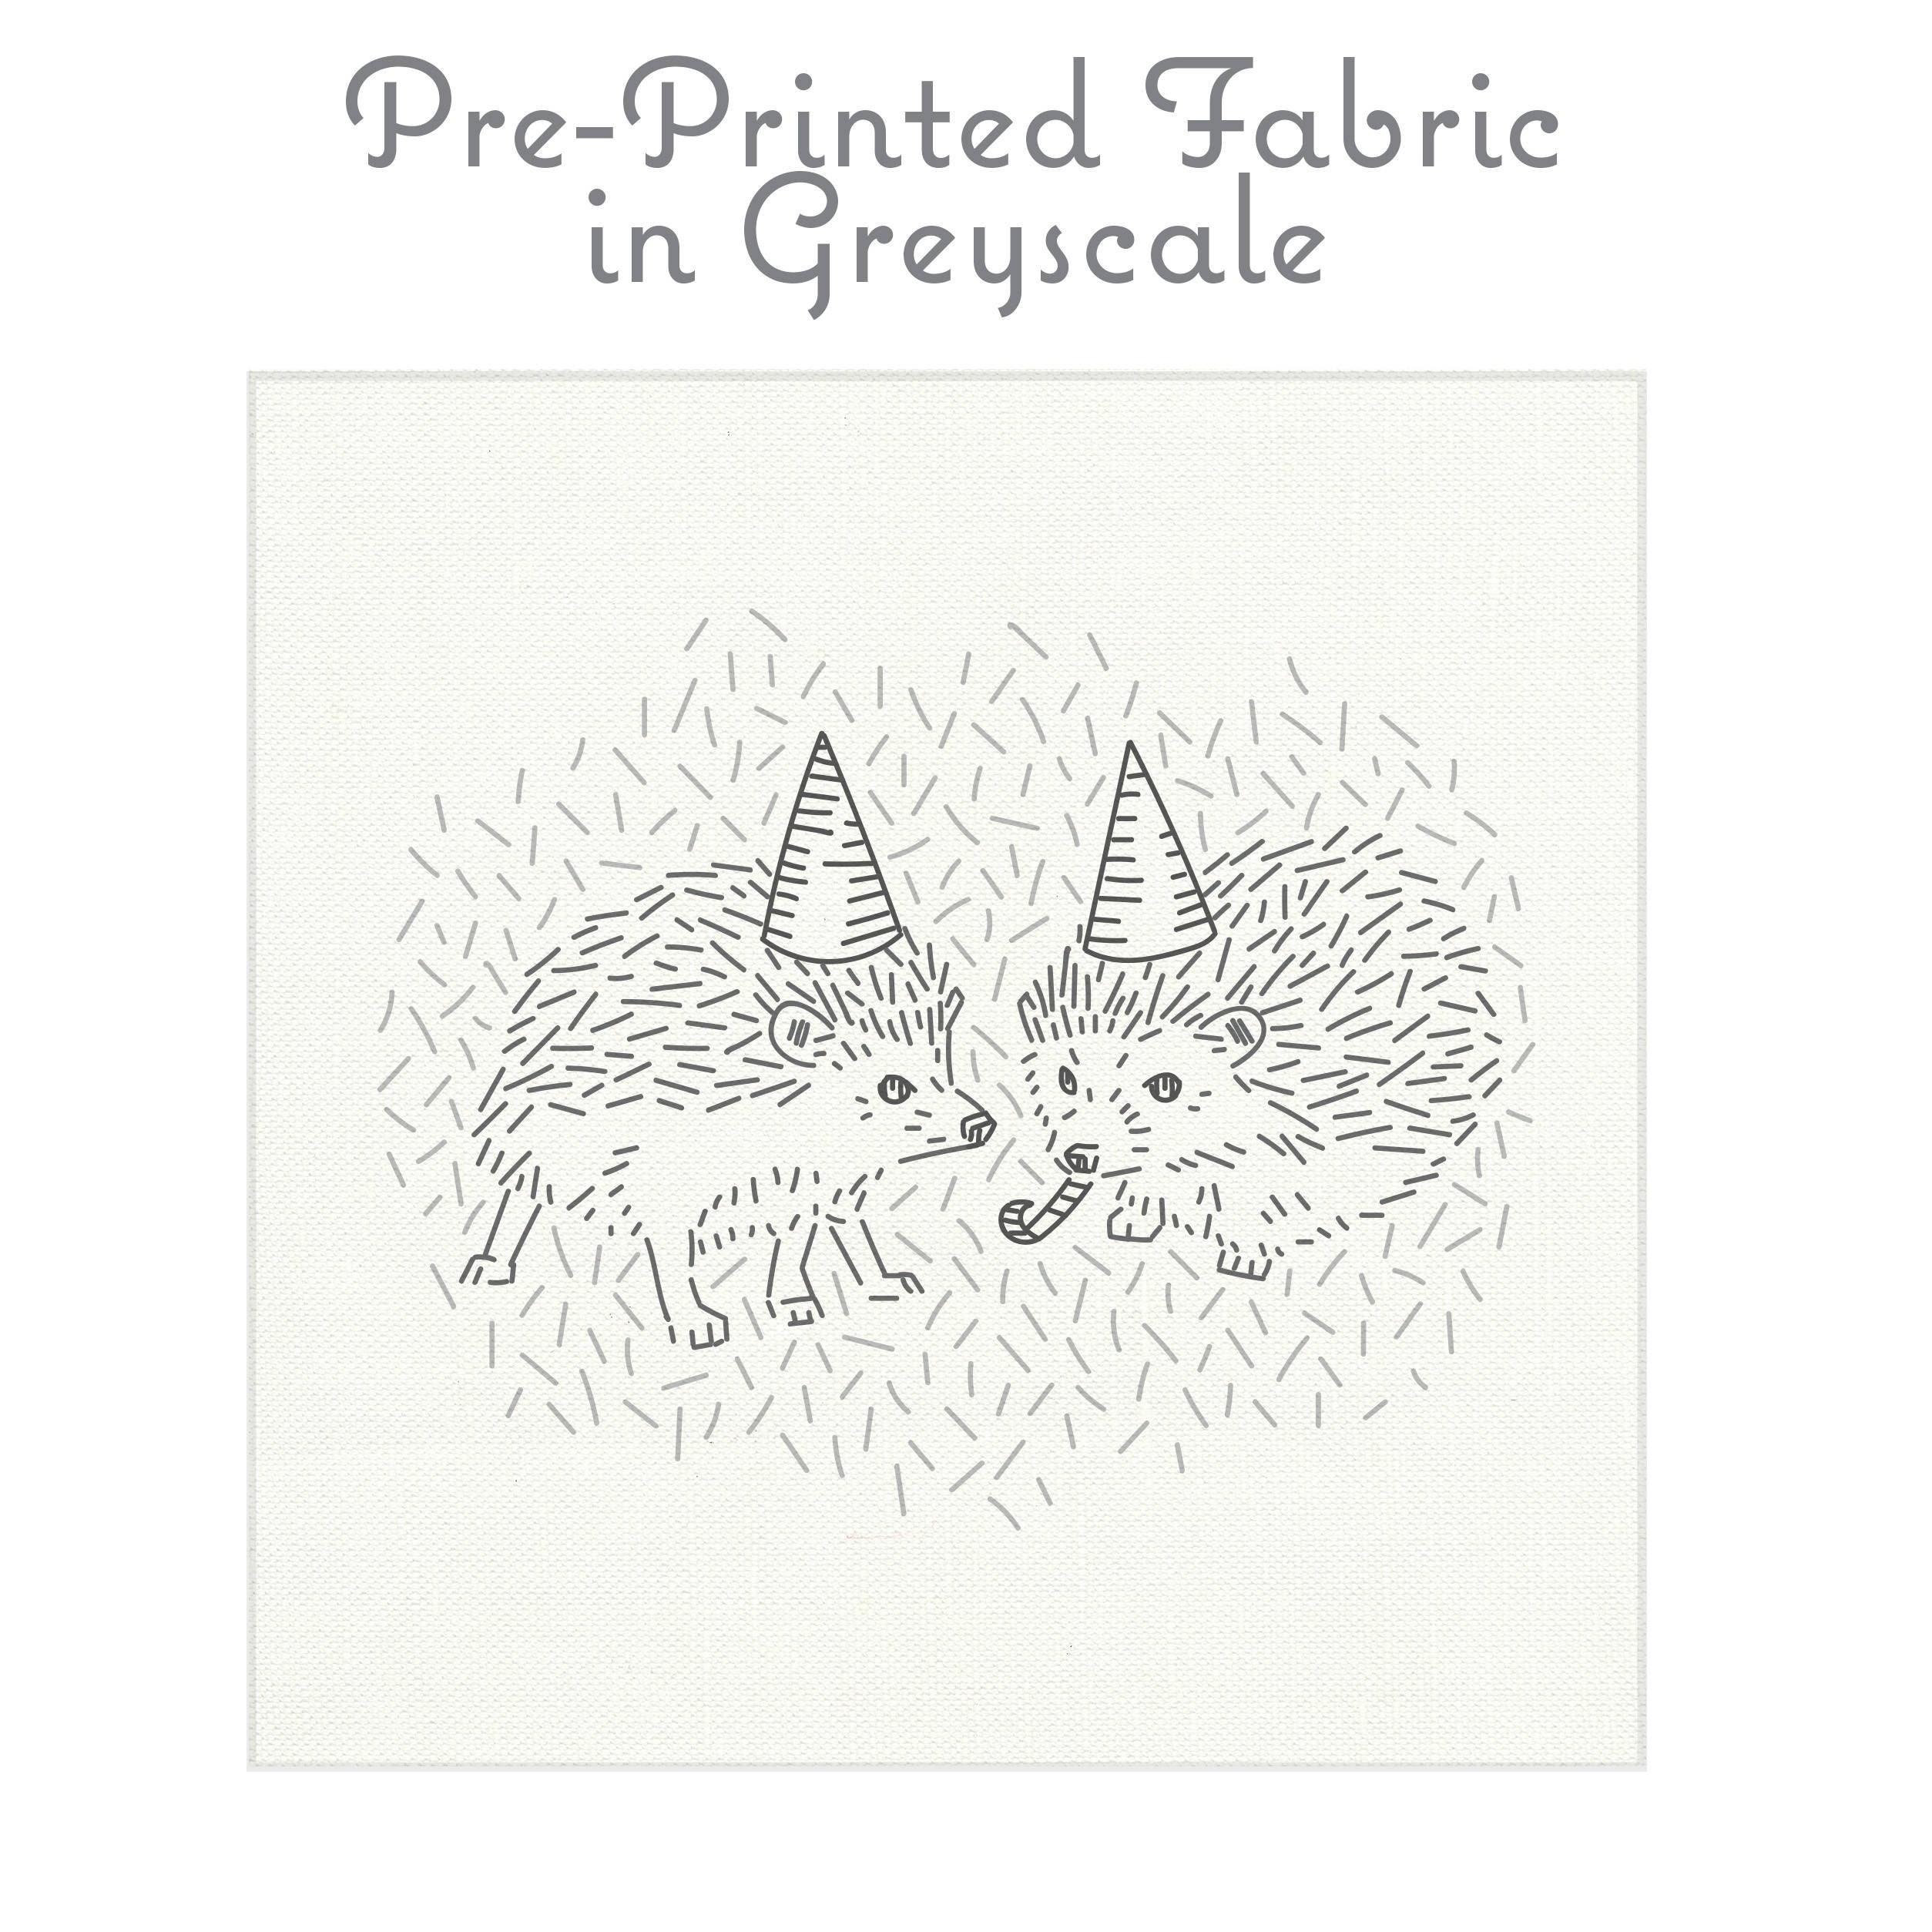 Tissu de broderie de hérisson gris, gris, hérisson motif de broderie, broderie motif de hérisson, broderie moderne par StudioMME a53edc